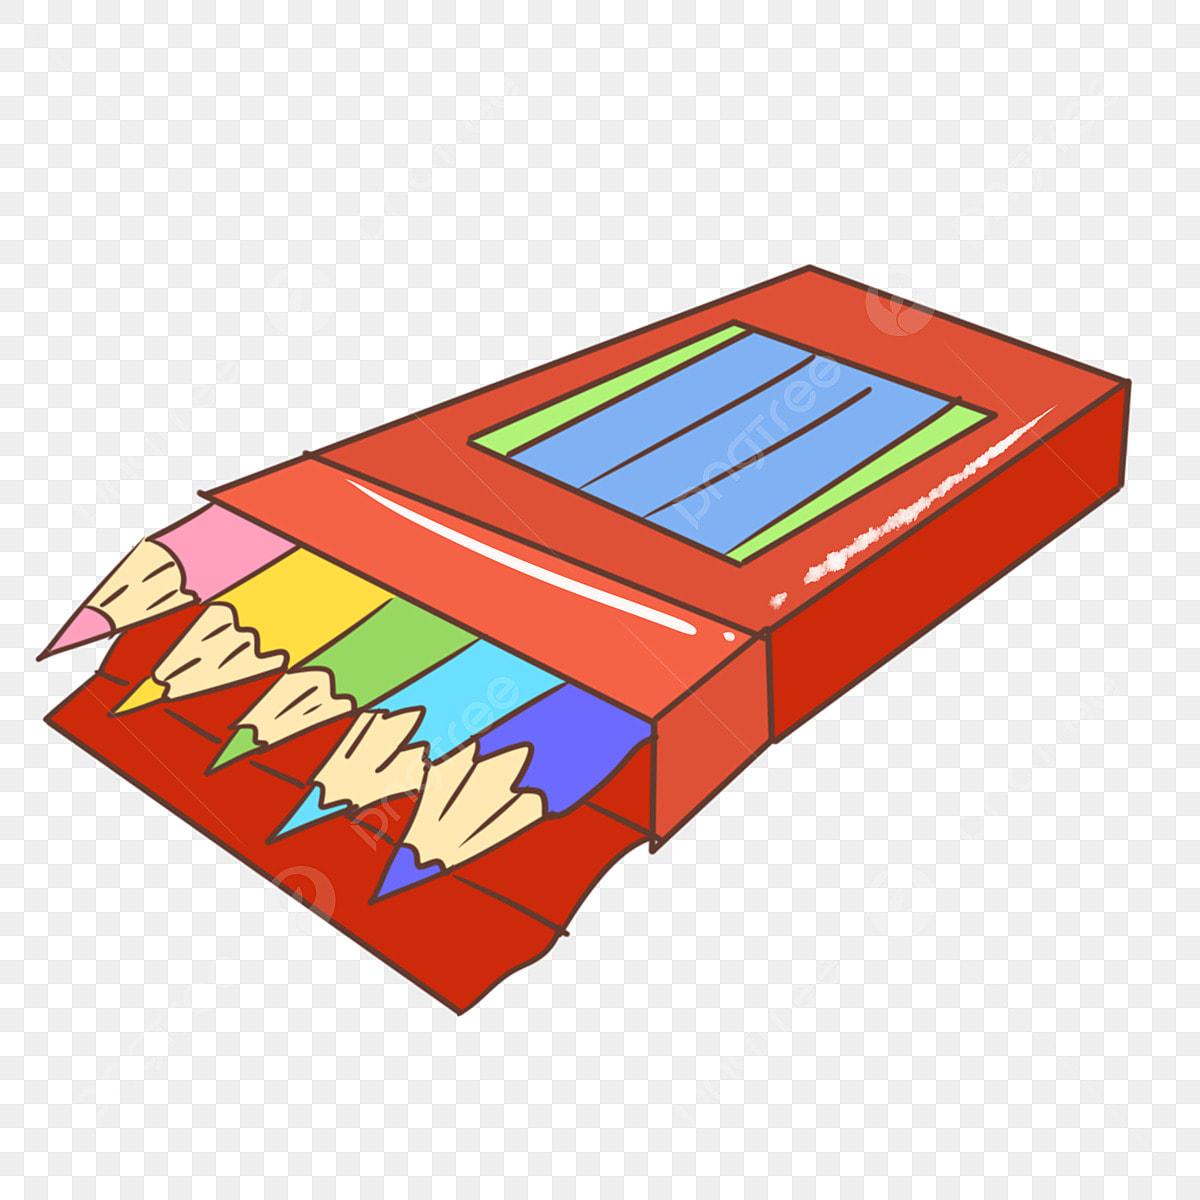 Hộp Bút Chì Màu đỏ Hộp Bút Chì Sáng Tạo Hộp Bút Chì Vẽ Tay